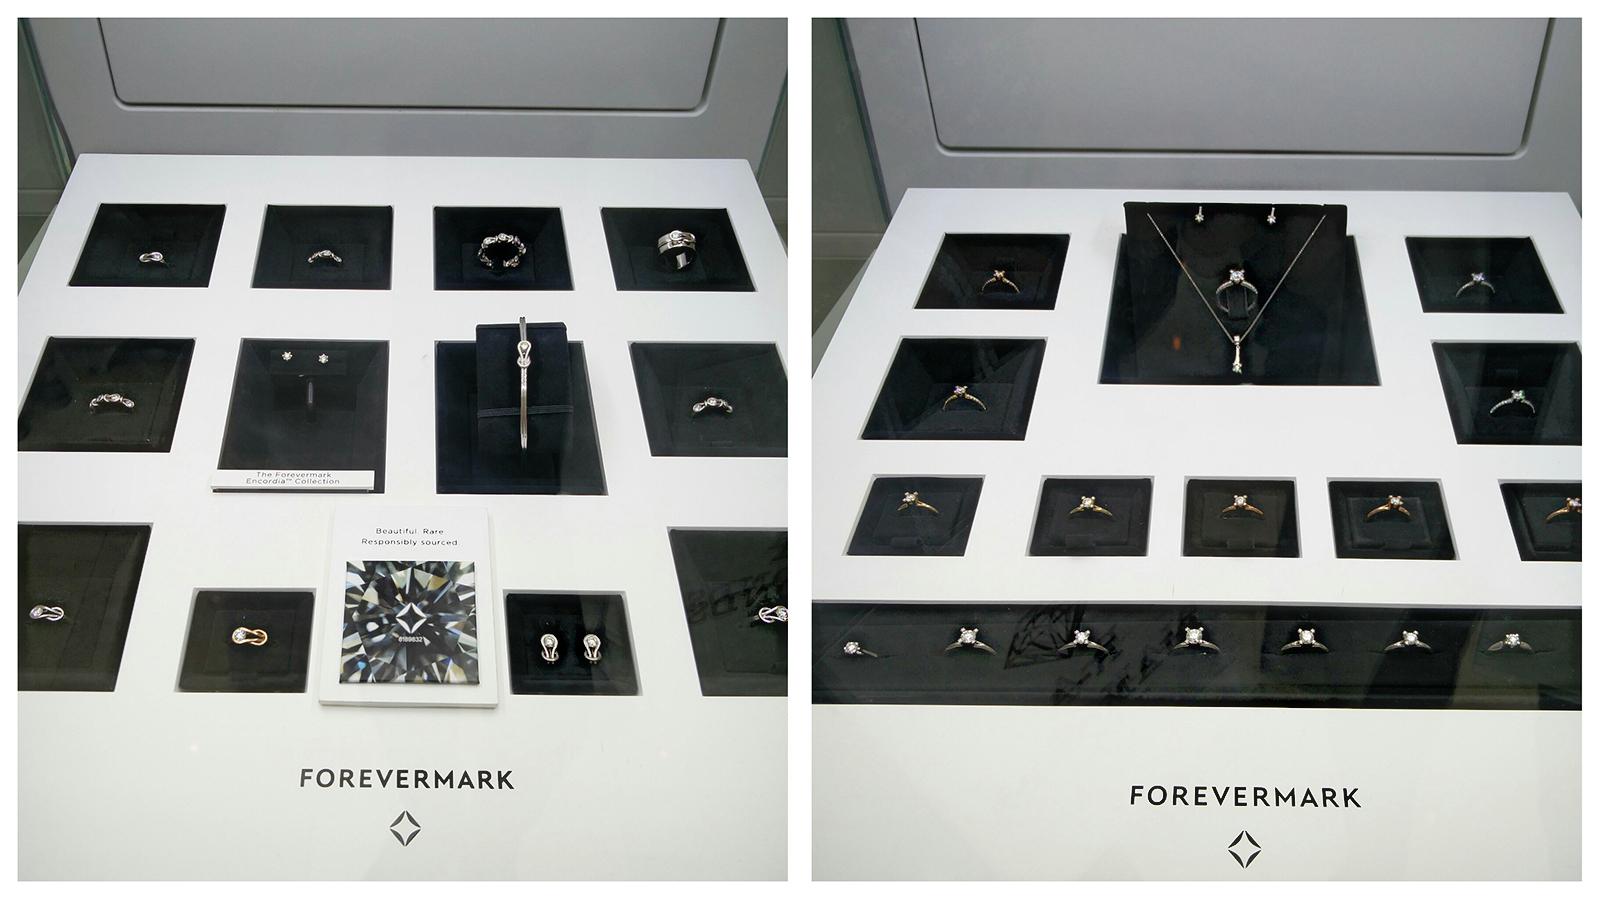 forevermark_01.jpg